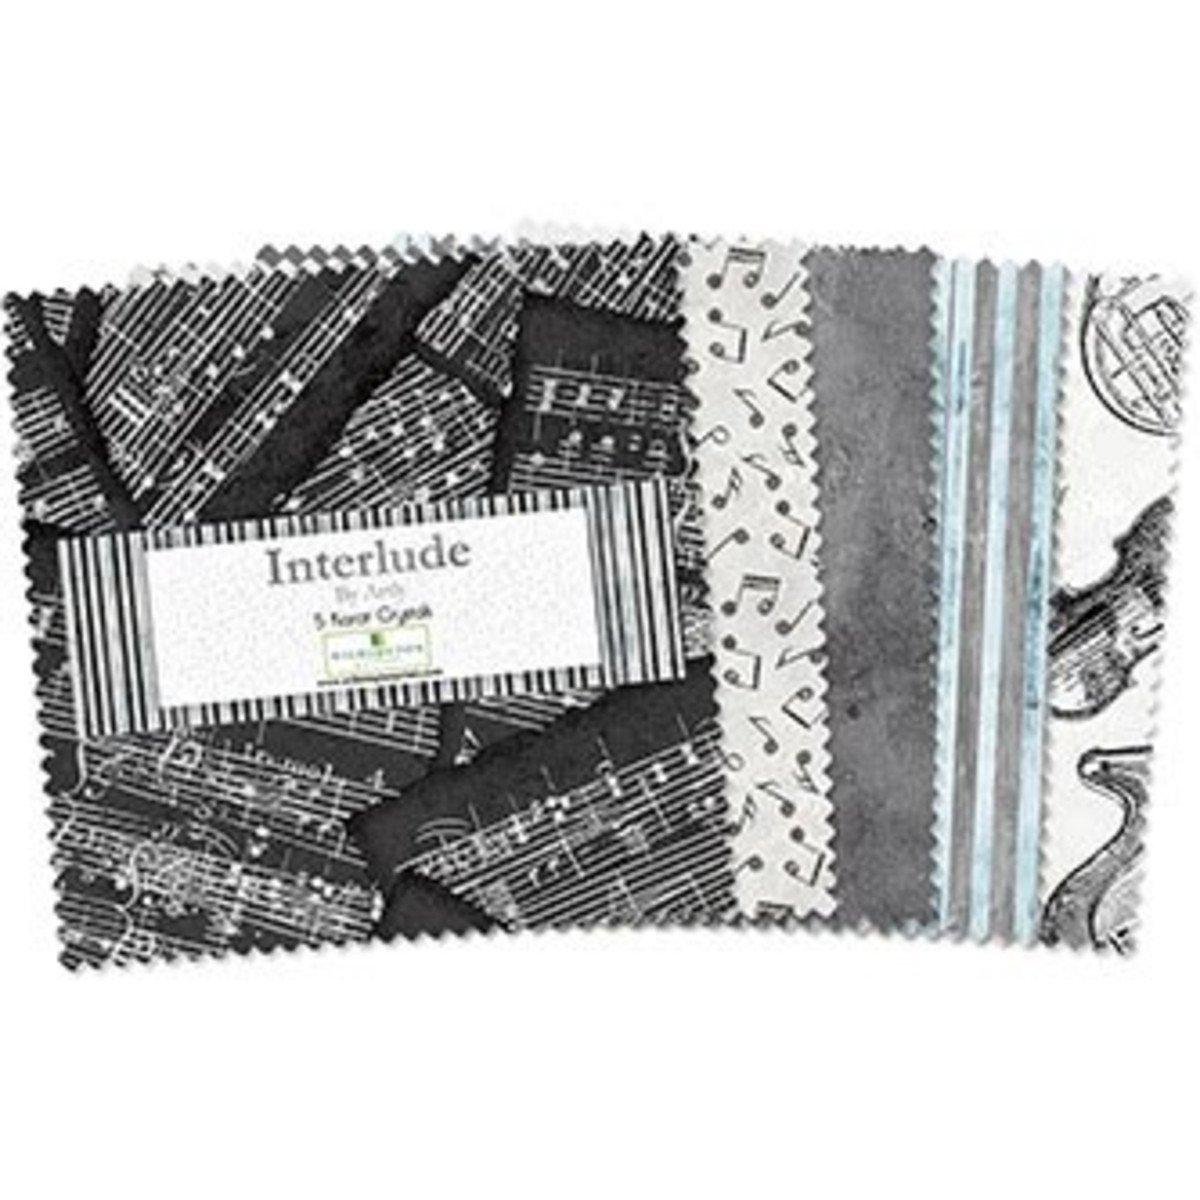 Interlude 5 Squares